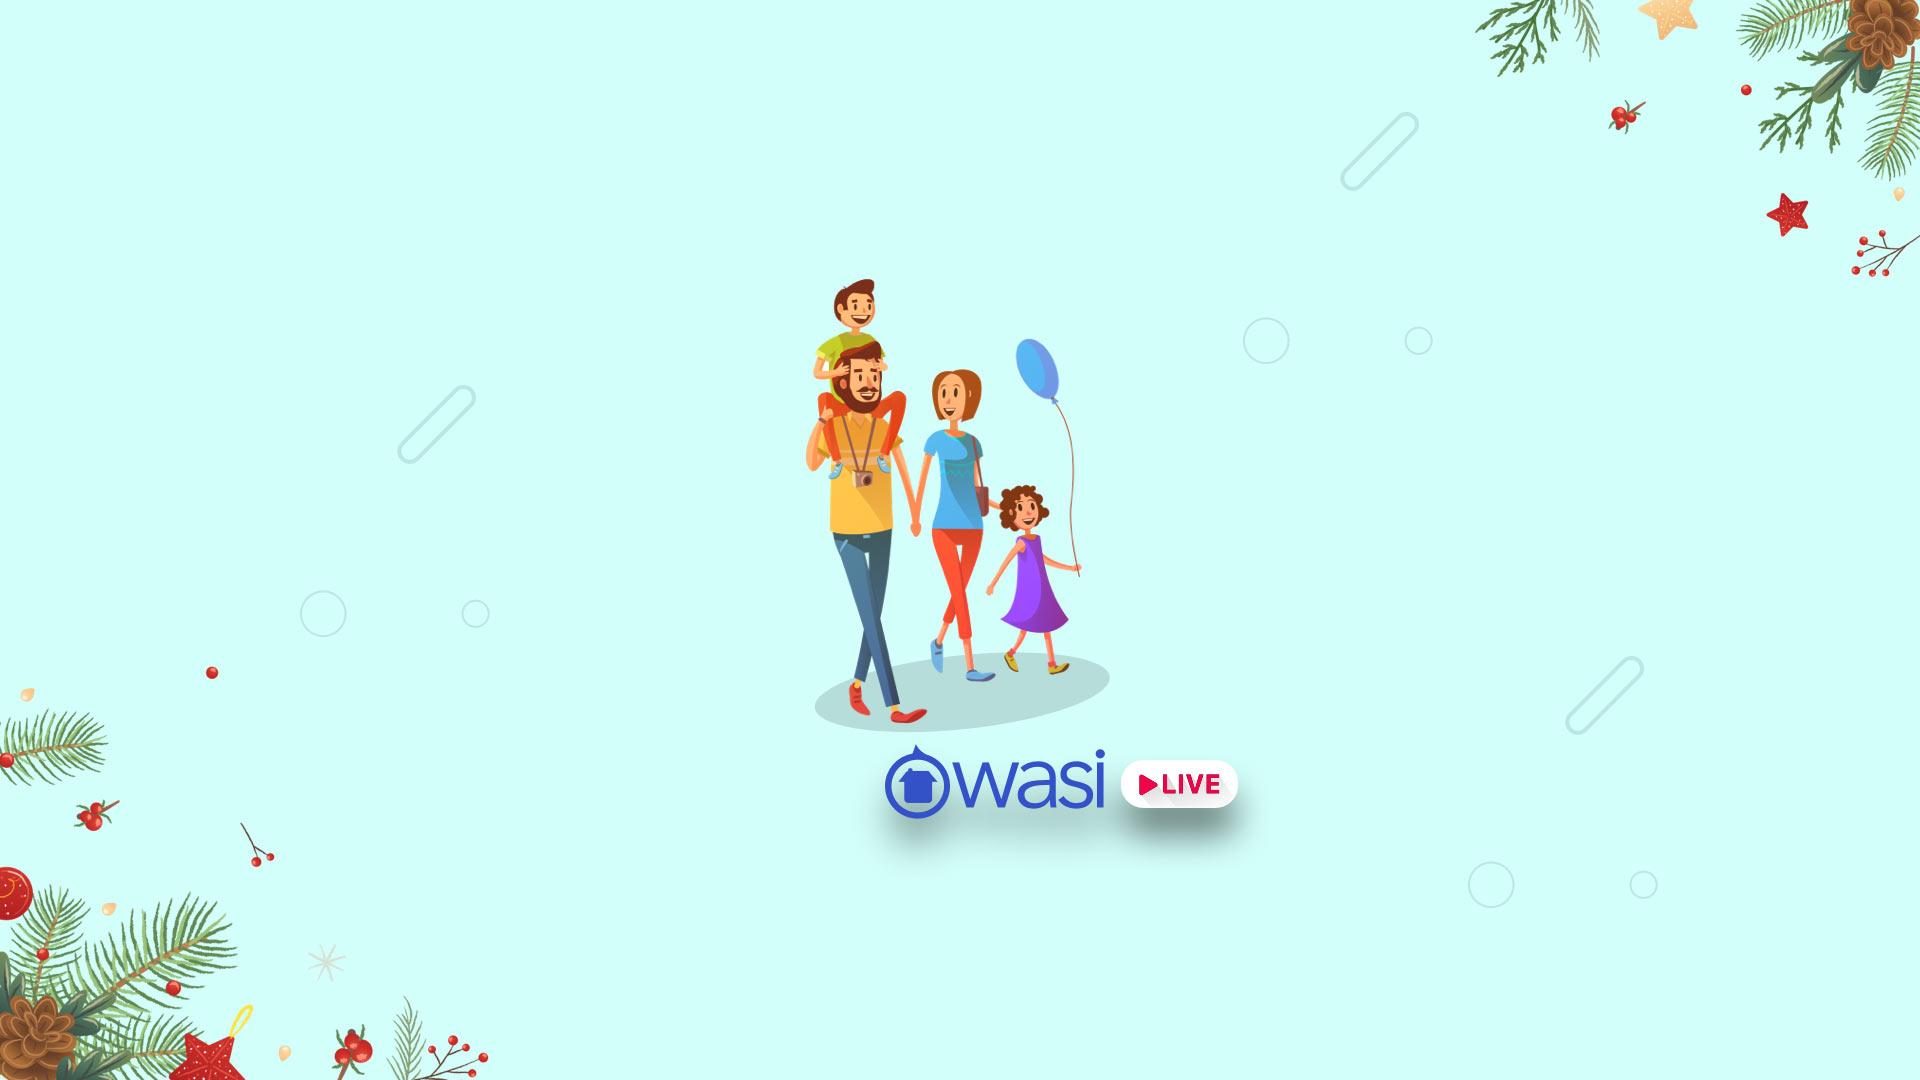 Wasi live: Tips para tener tu negocio de bienes raíces activo en vacaciones